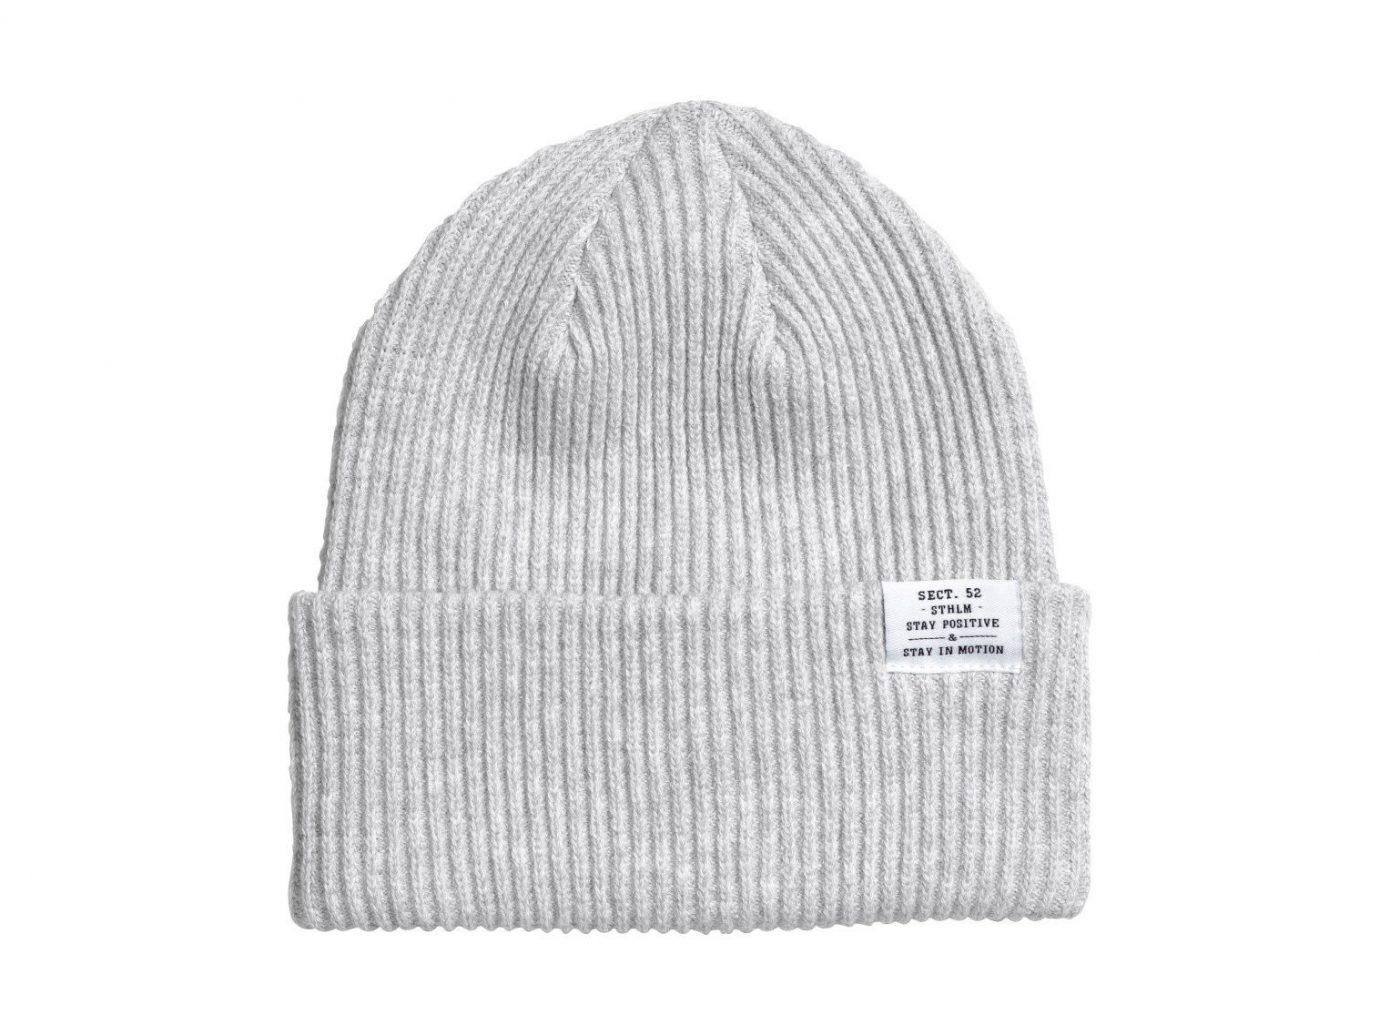 Style + Design Travel Shop white headgear knit cap cap woolen beanie hat product